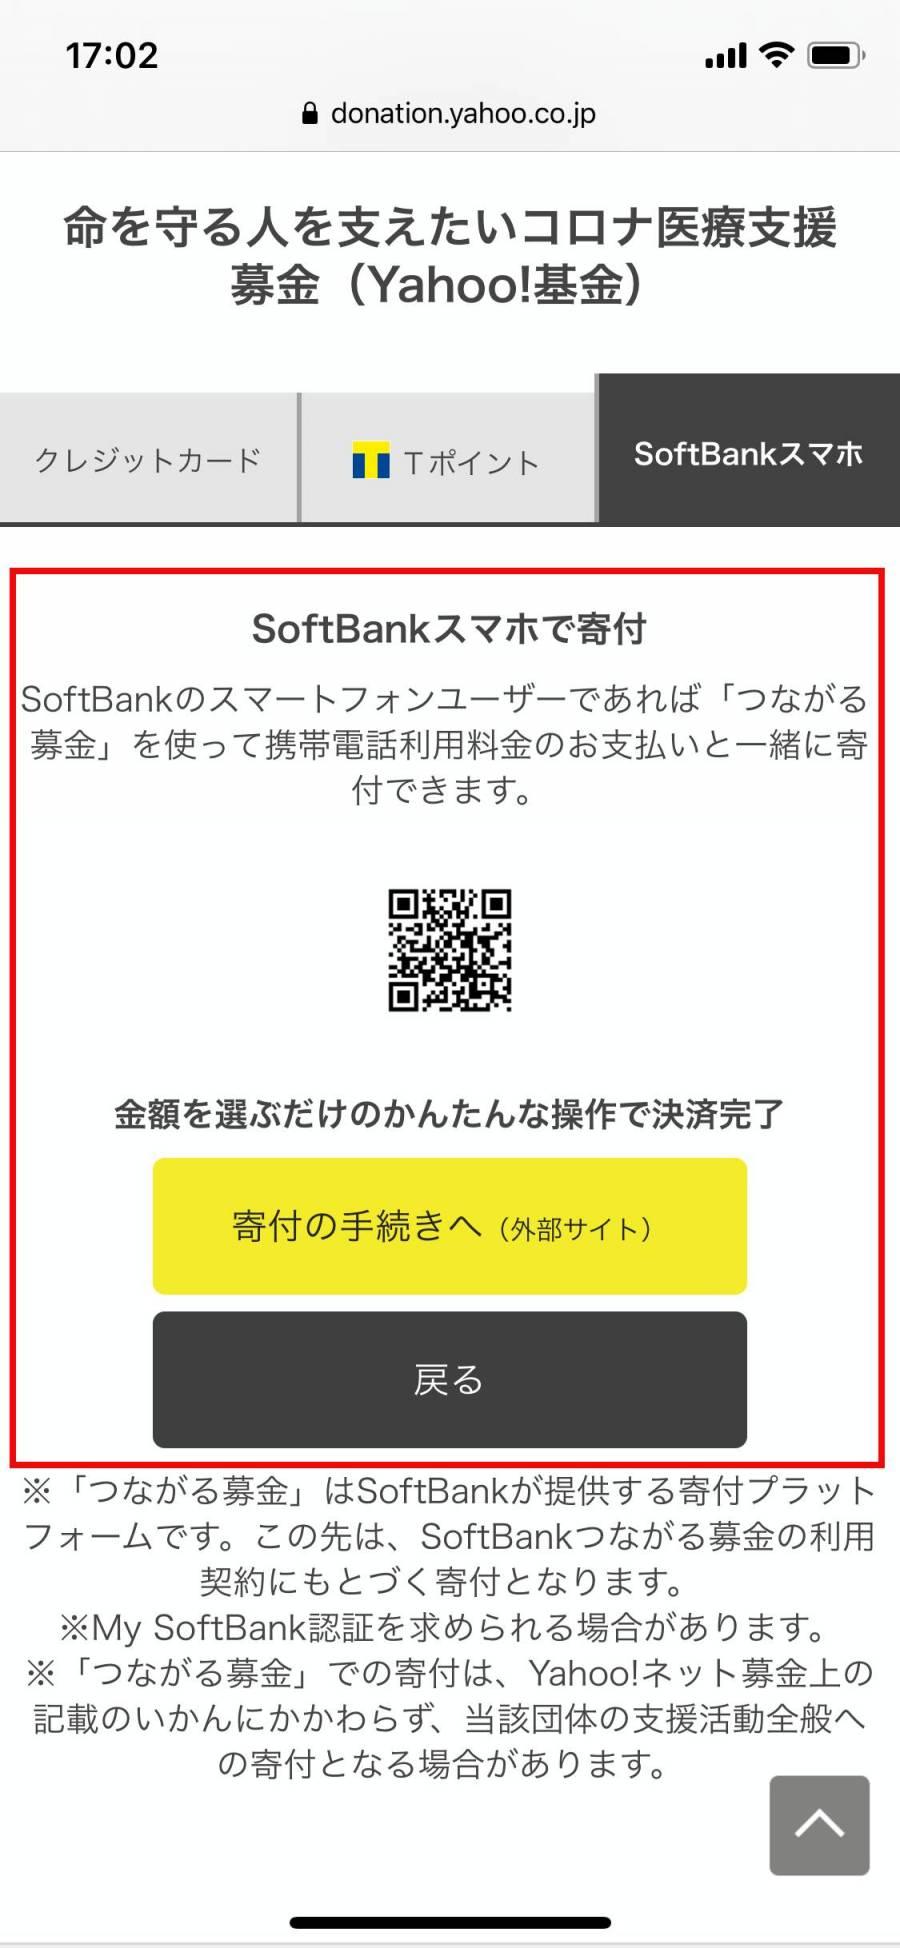 SoftBankスマホ用寄付画面